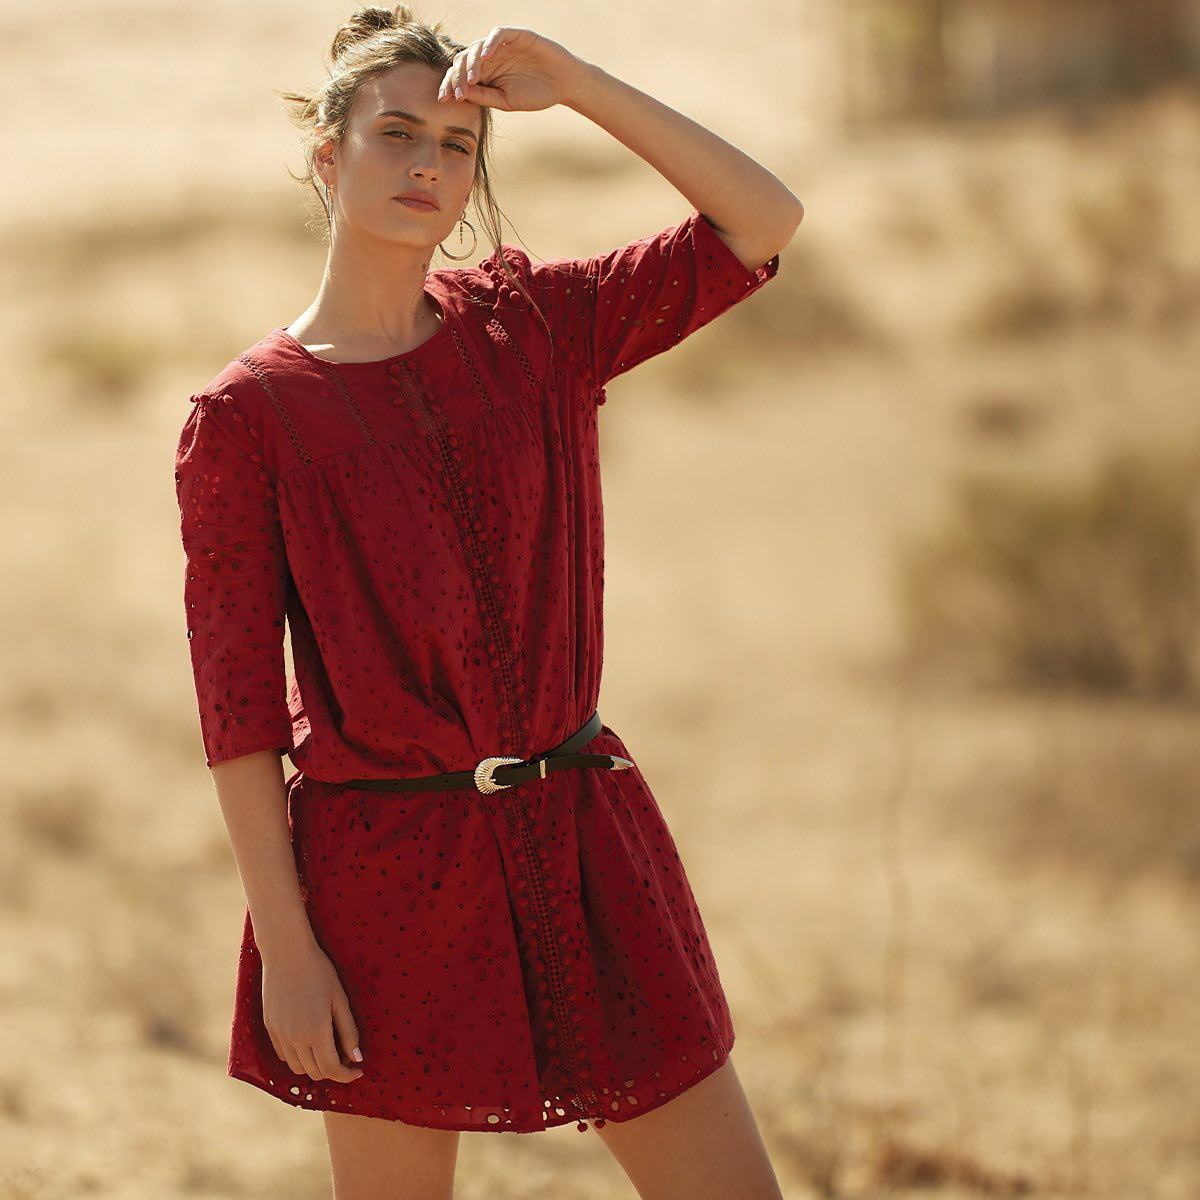 מצאנו את השמלה שעונה להגדרה של- ״ ט״ו באב שמח״ 😍❤️ מחכים לך באתר ובחנויות עם מלא מבצעים שאסור לך לפספס